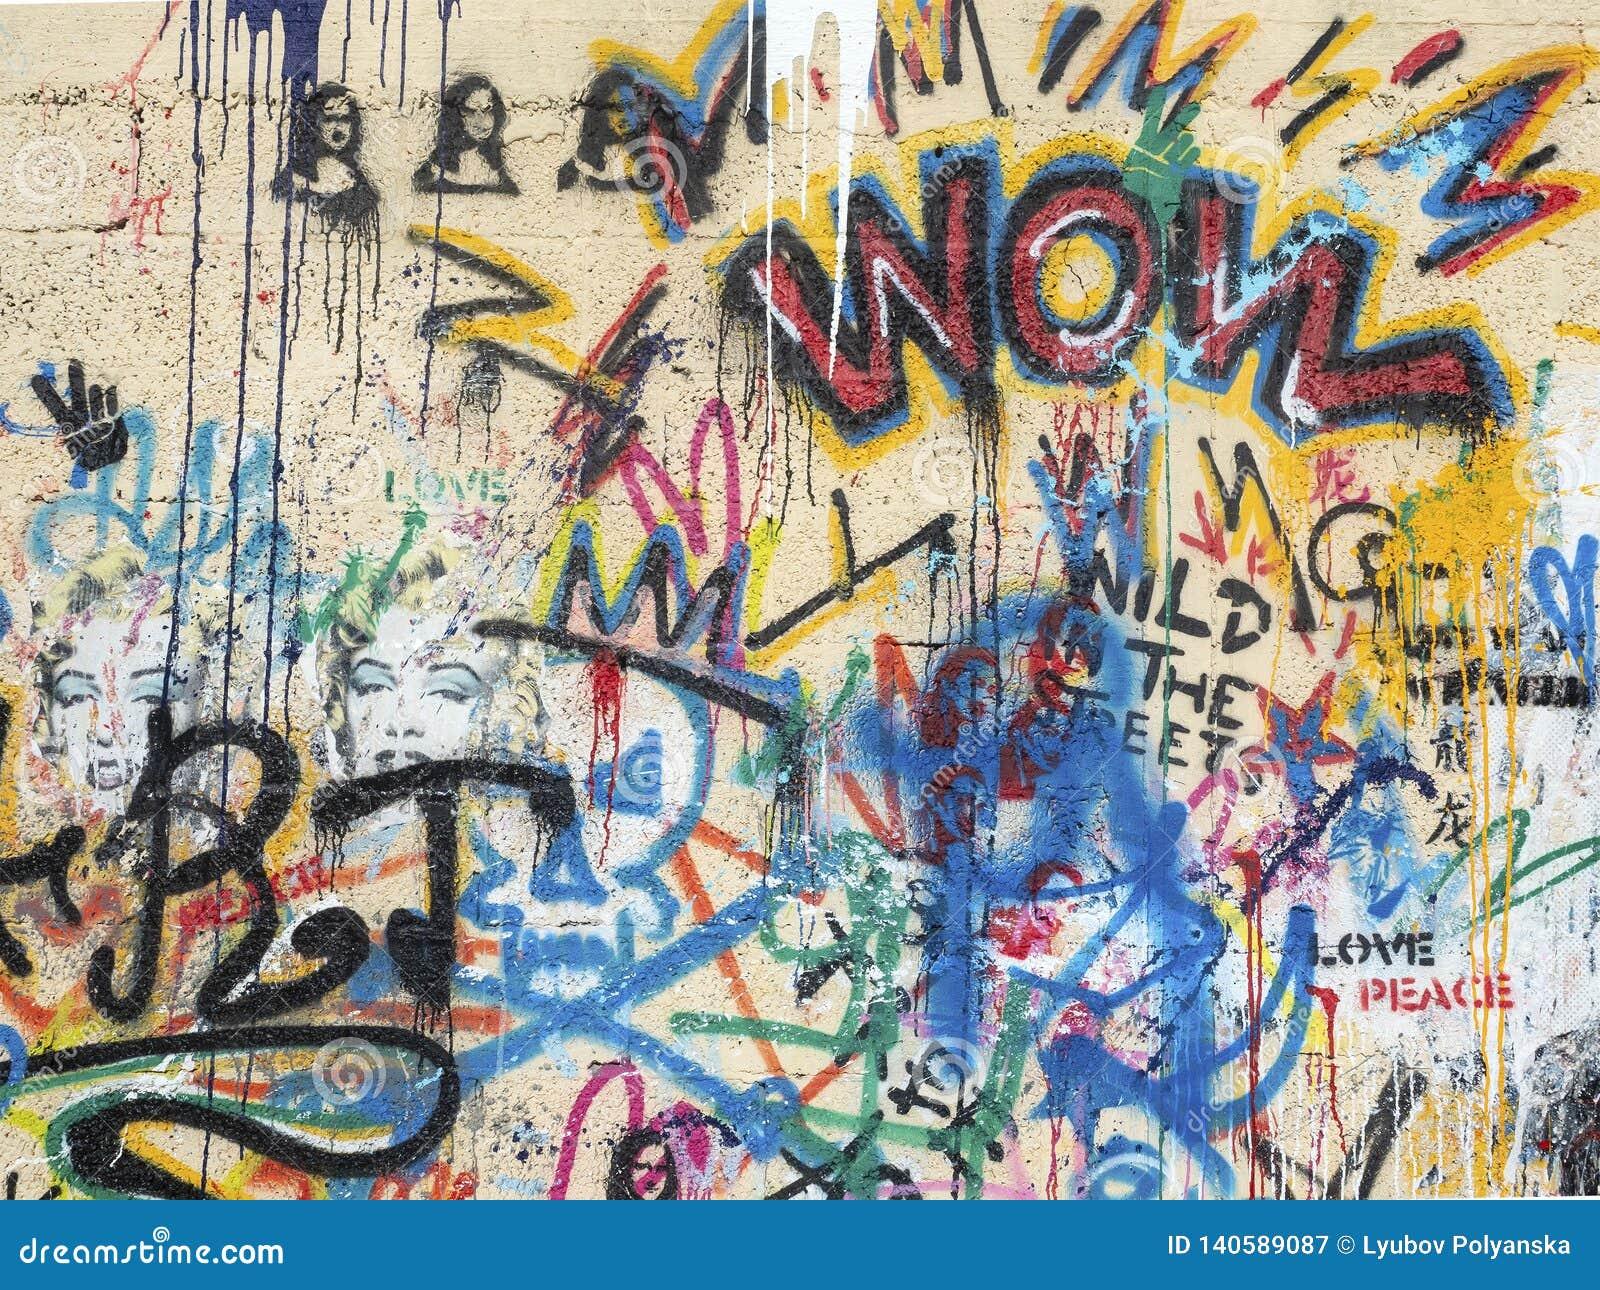 Pared de piedra del grafito pintado color amarillo de diversos colores, y la imagen de Jacconda